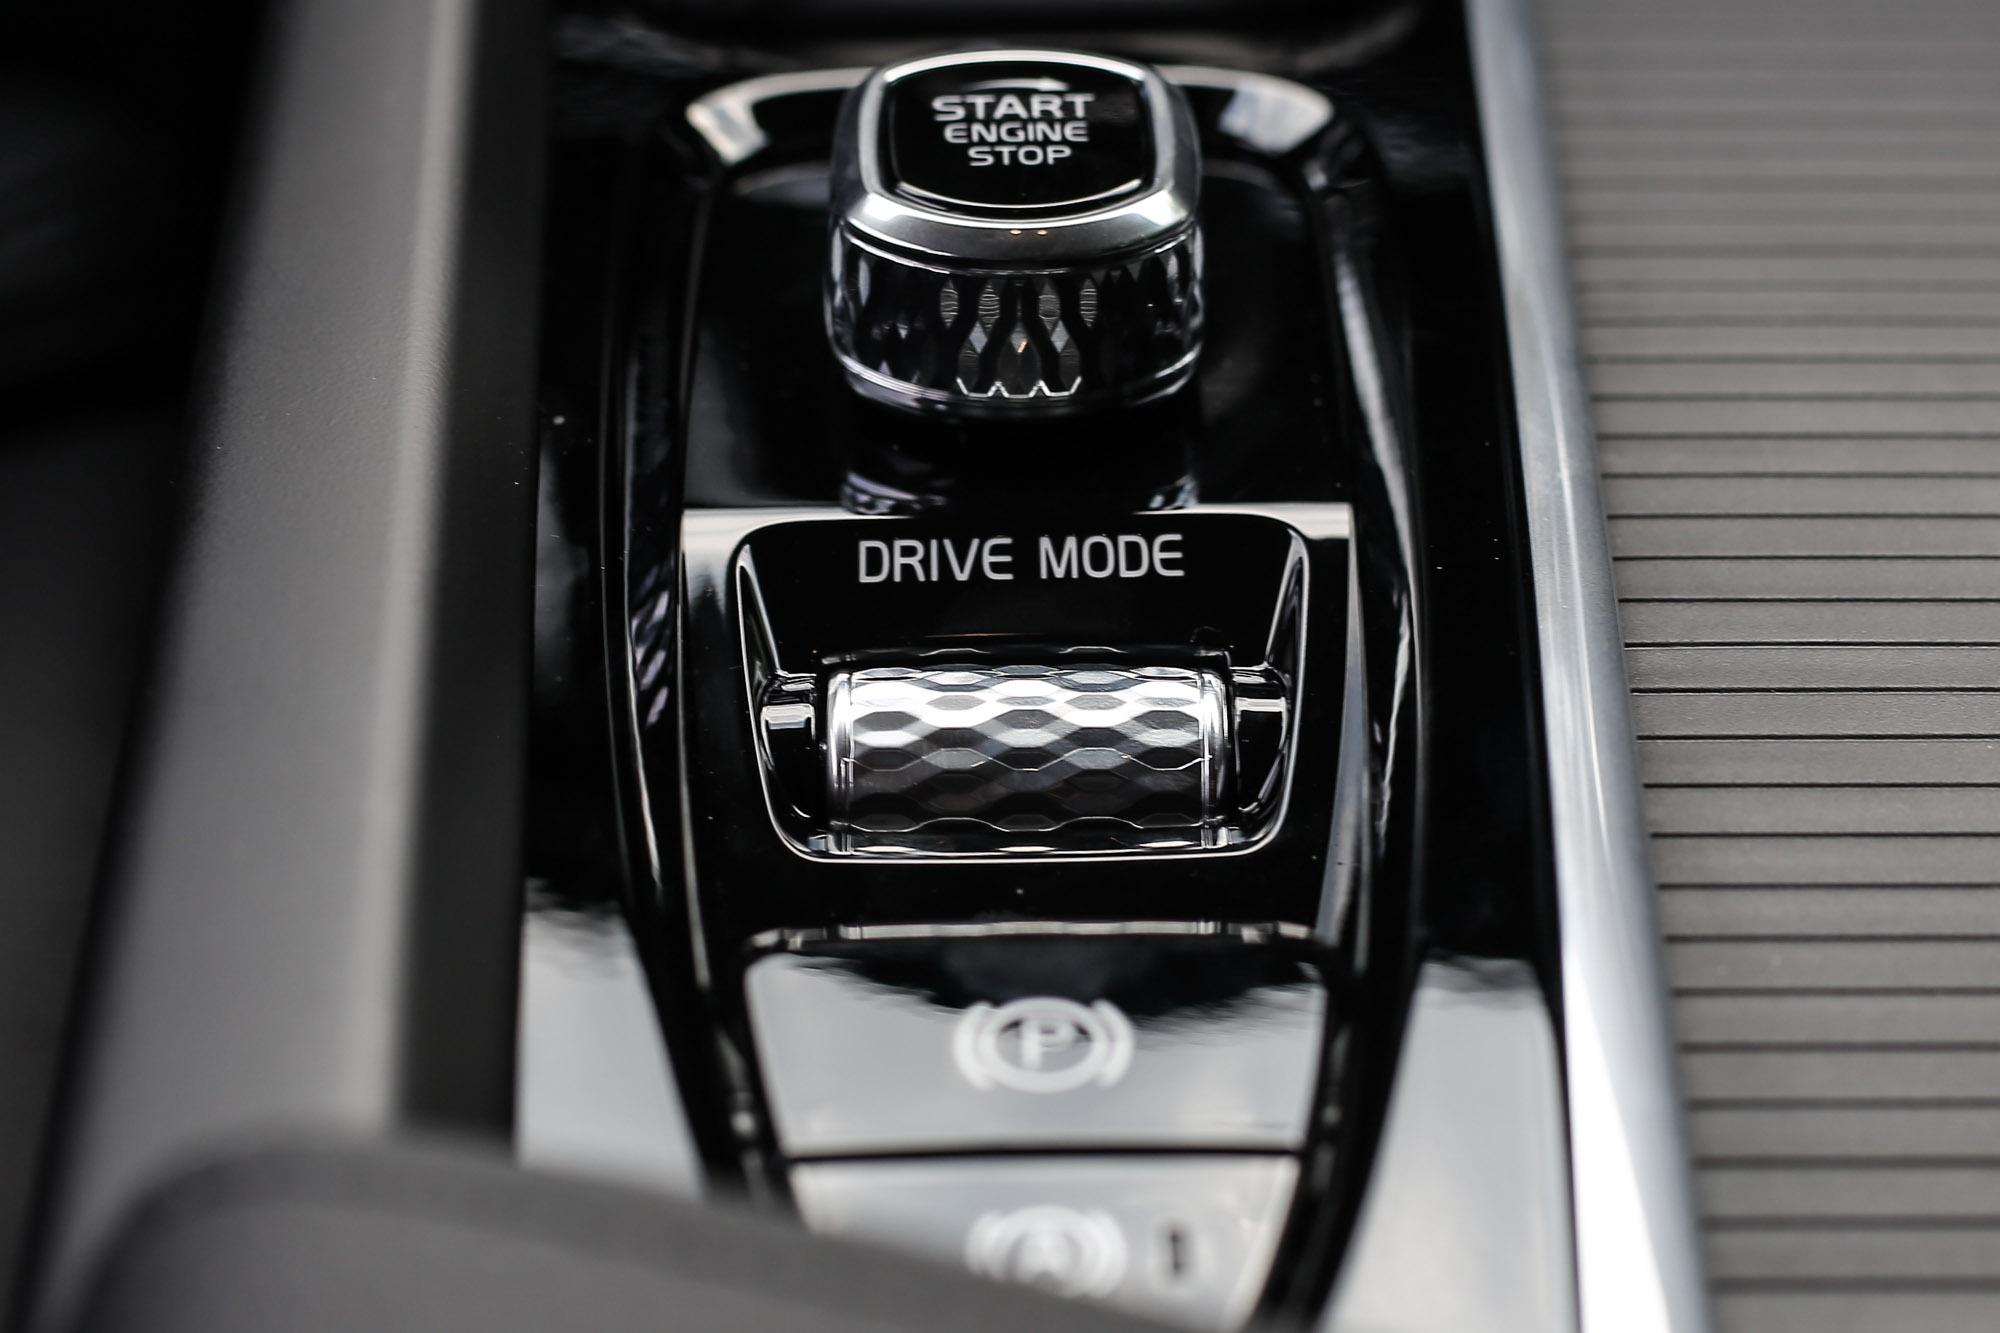 引擎啟/閉與駕駛模式切換介面仍是以質感優異的鑽石切割紋路呈現。